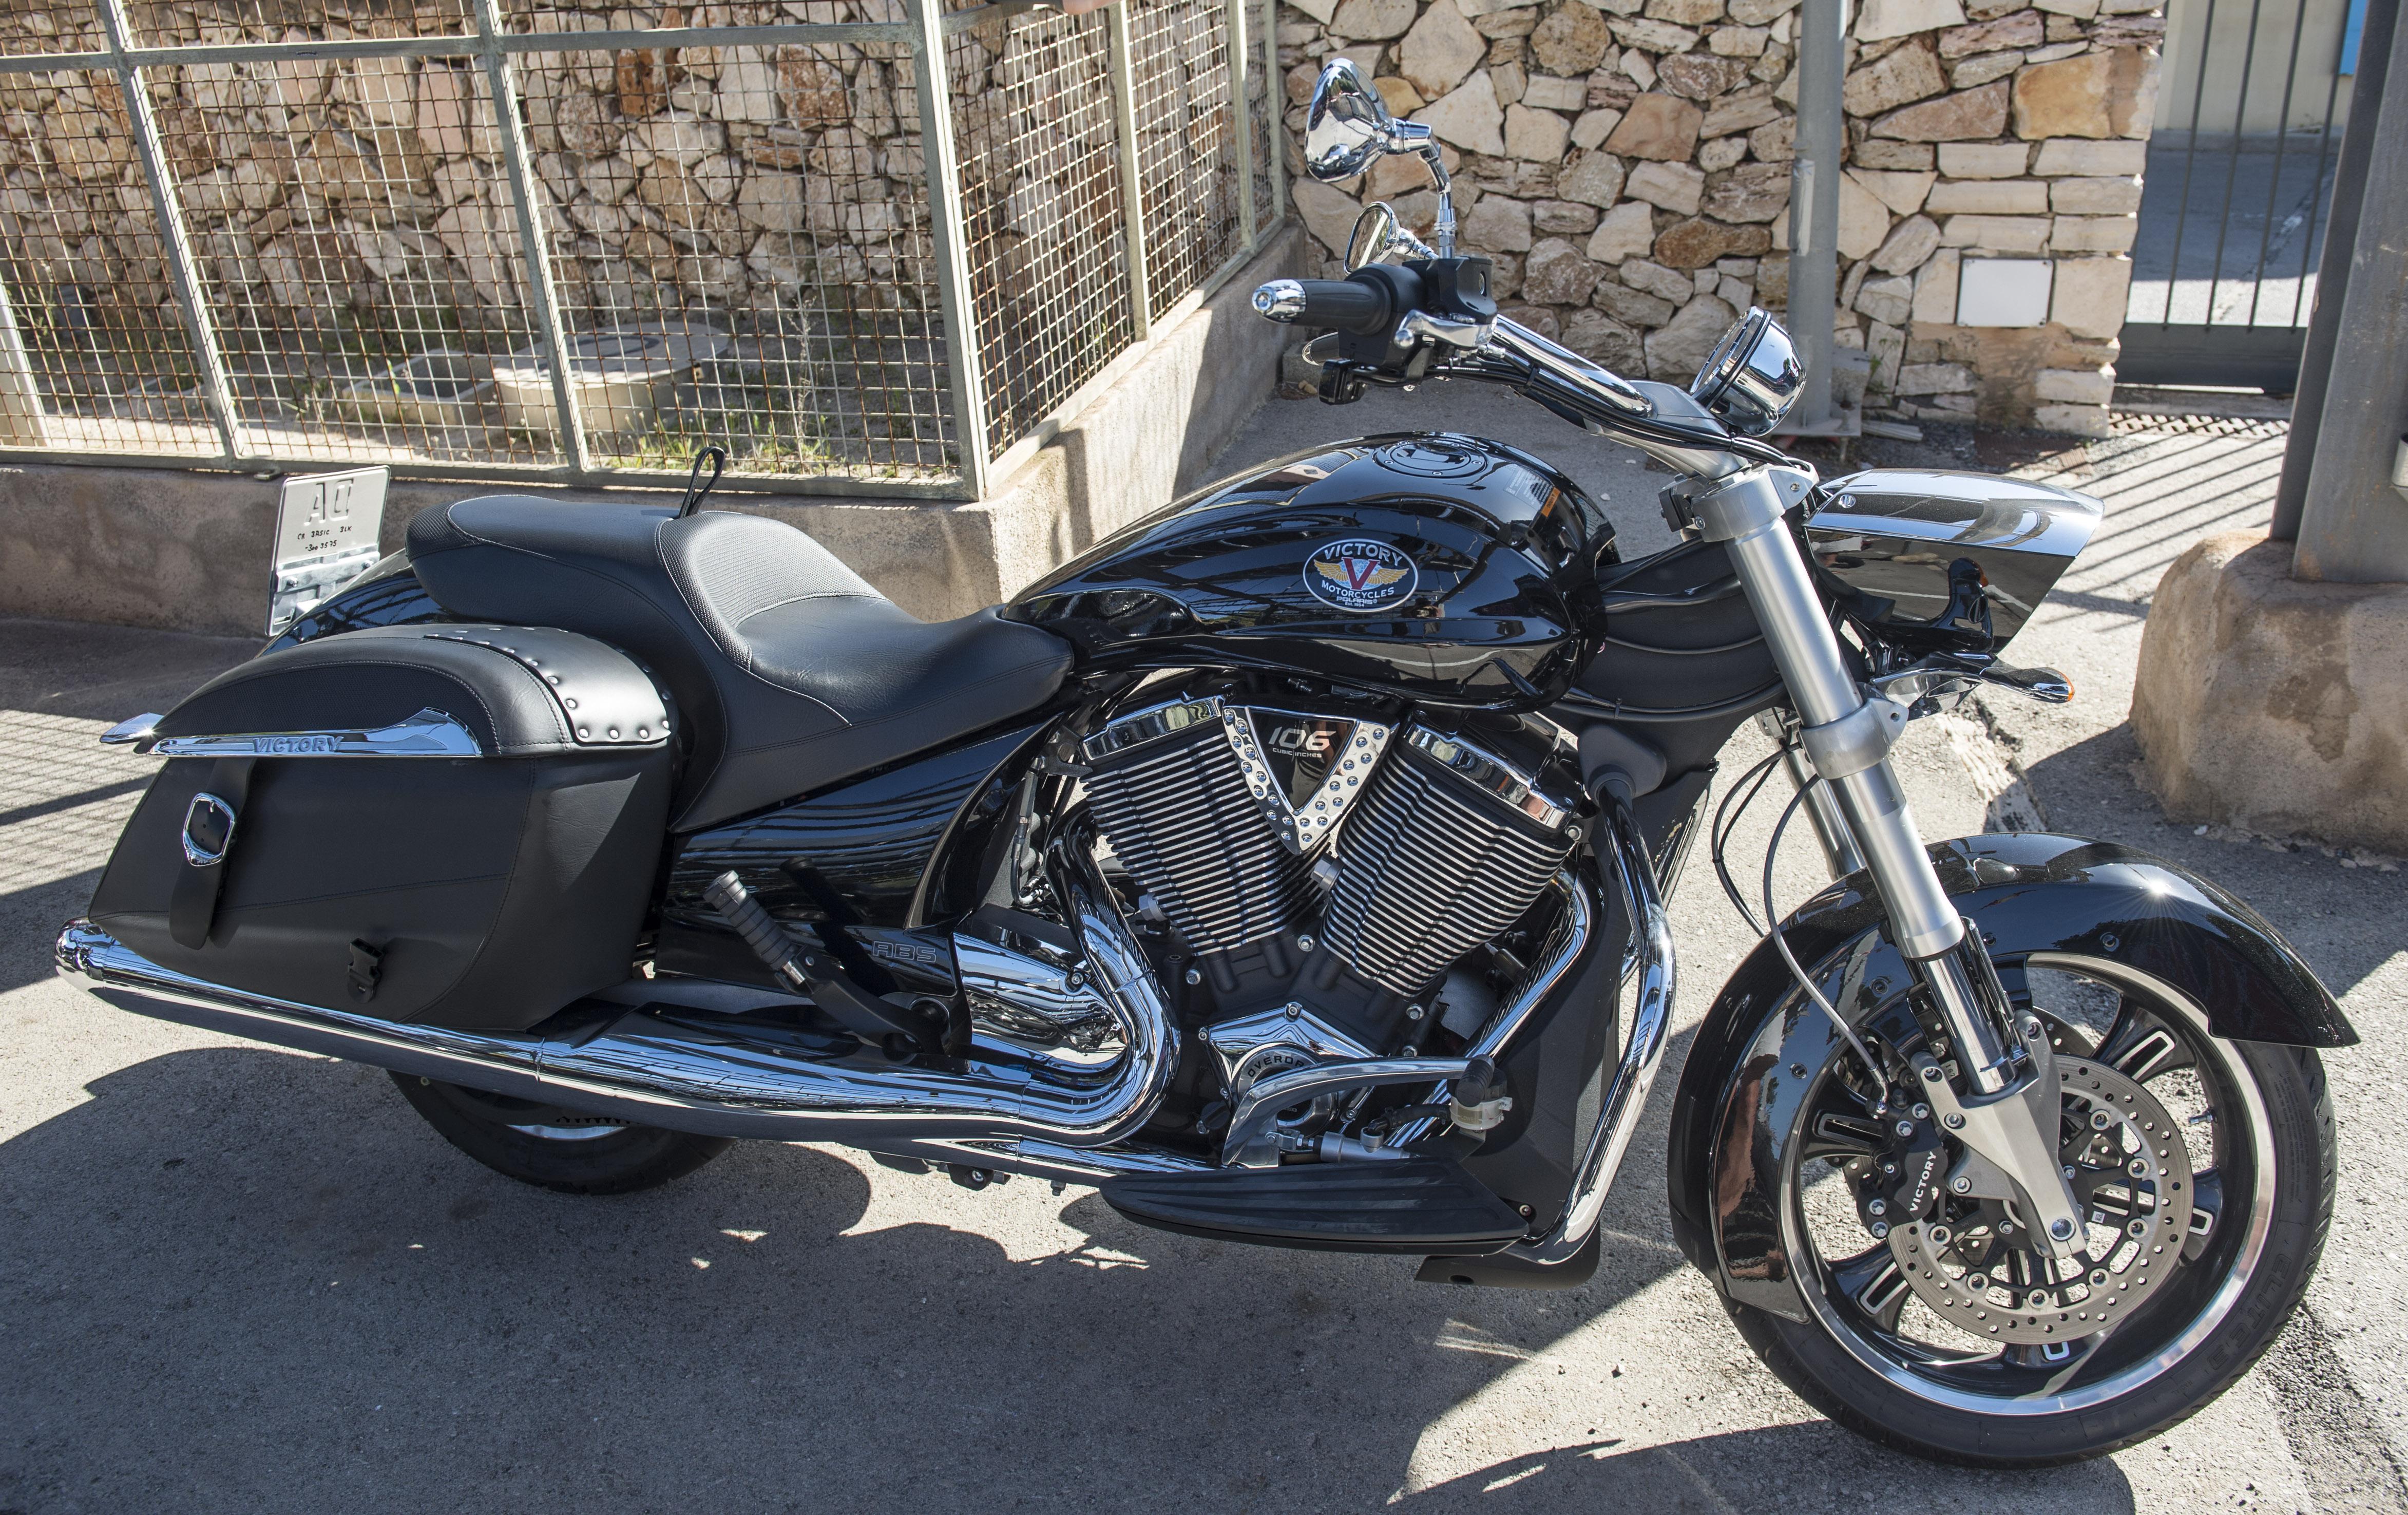 эти места мотоцикл виктори модельный ряд фото рекомендации выбору эксплуатации